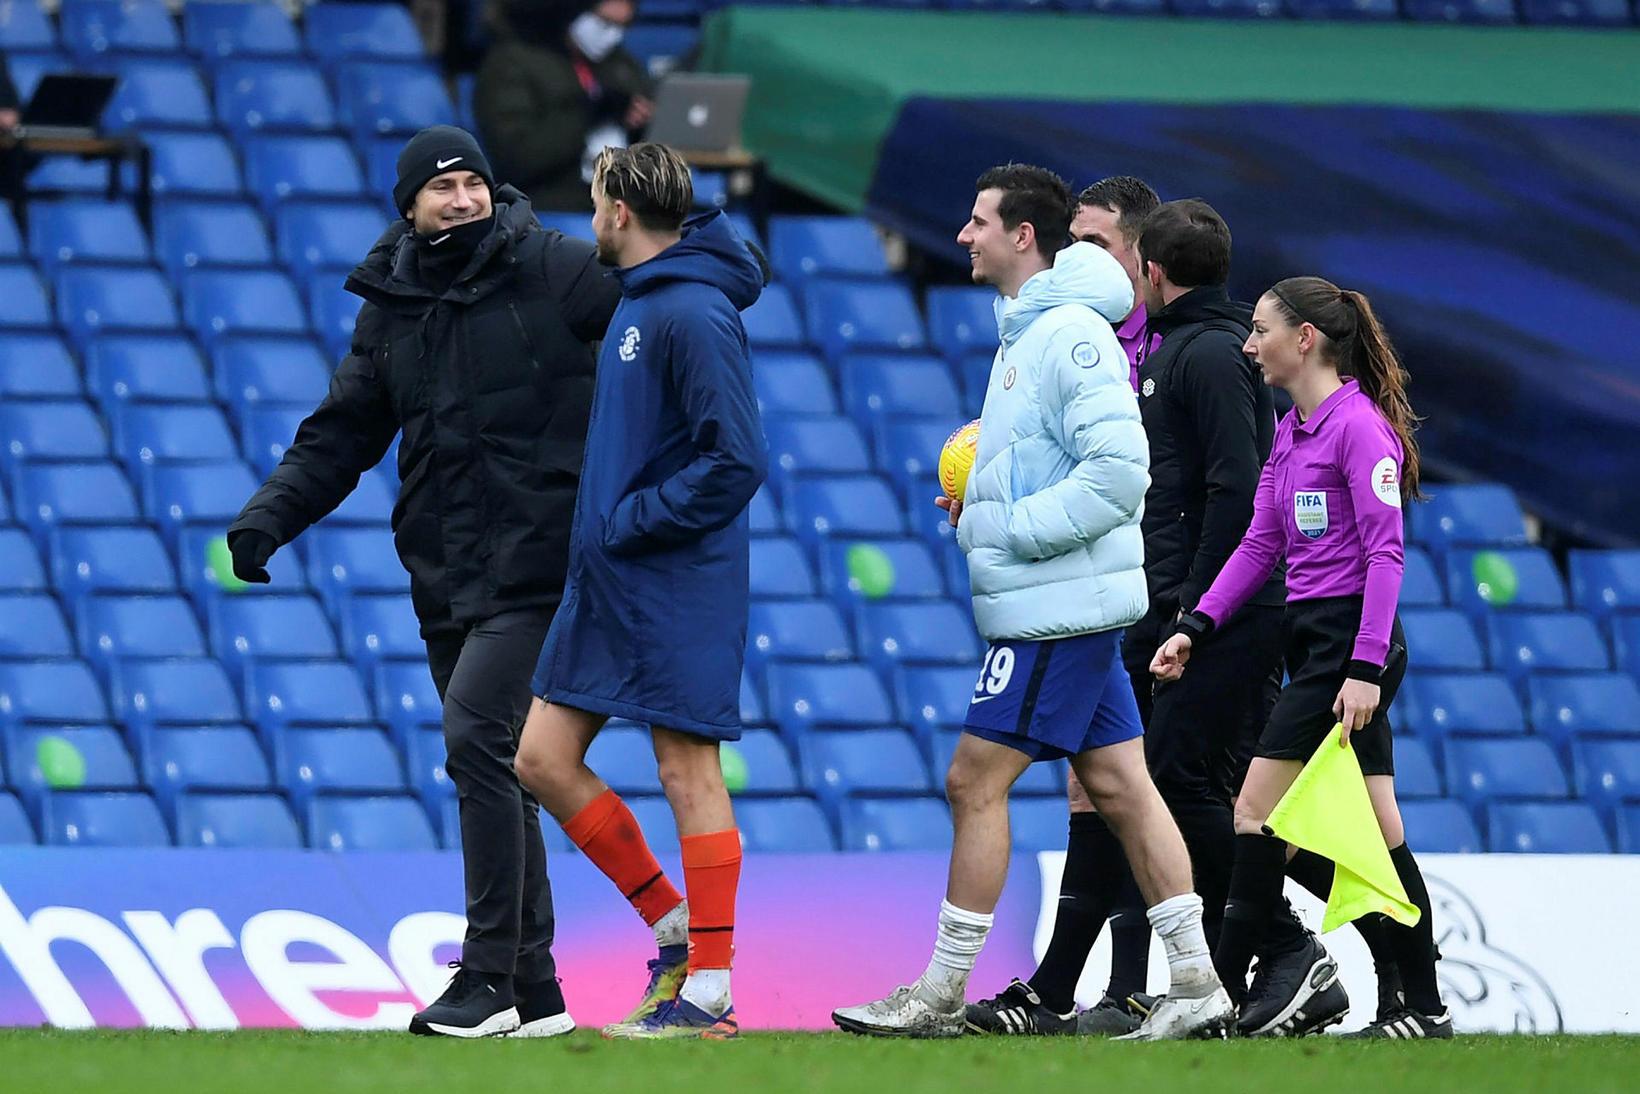 Frank Lampard gengur brosmildur af velli eftir sigur Chelsea á …